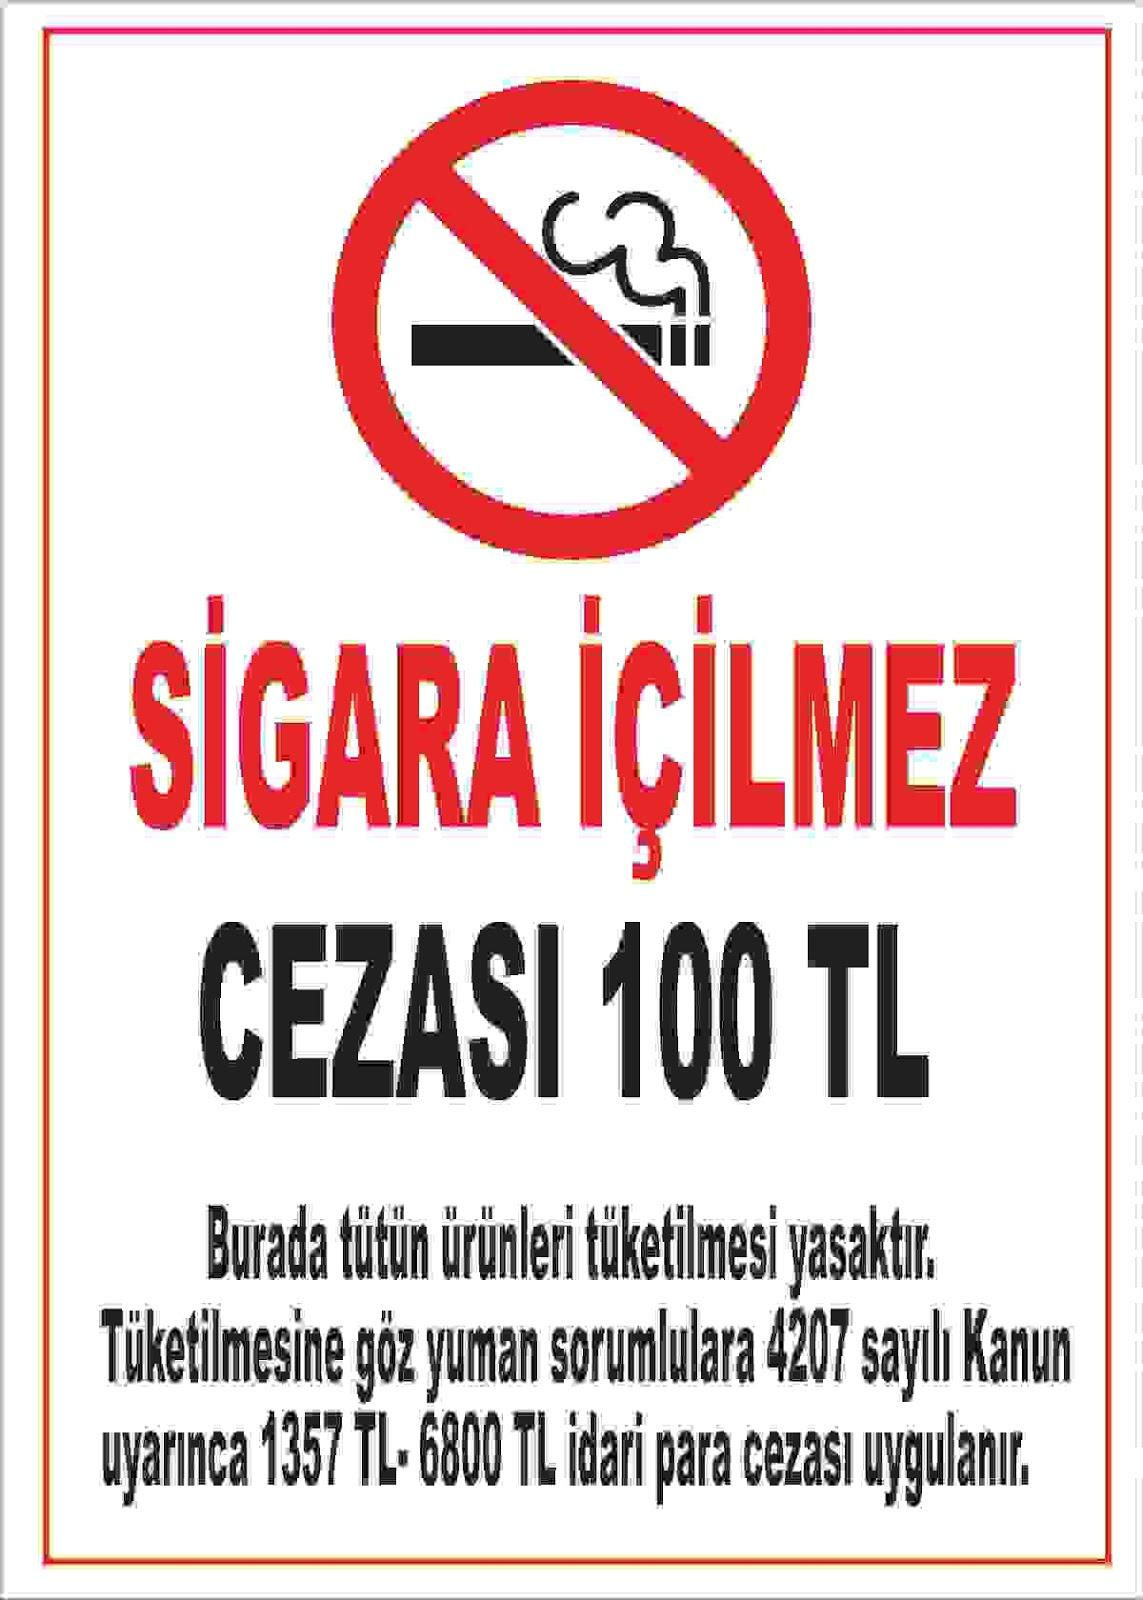 Sigara içme imkânı